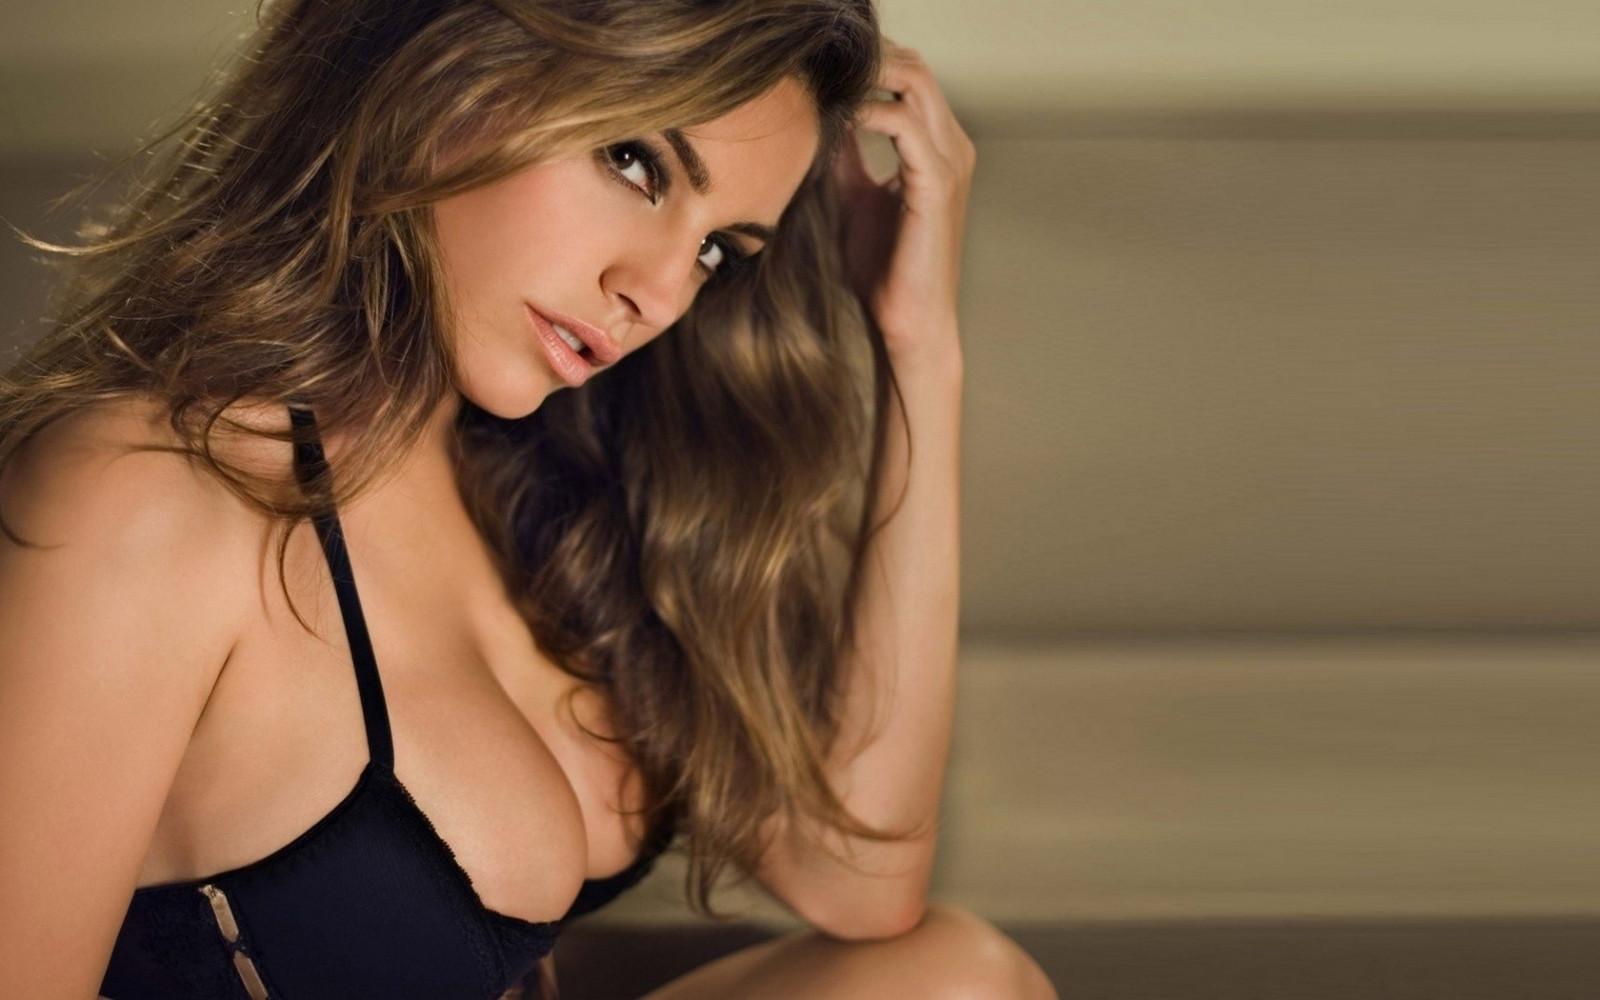 приличные груди красивых девушек того